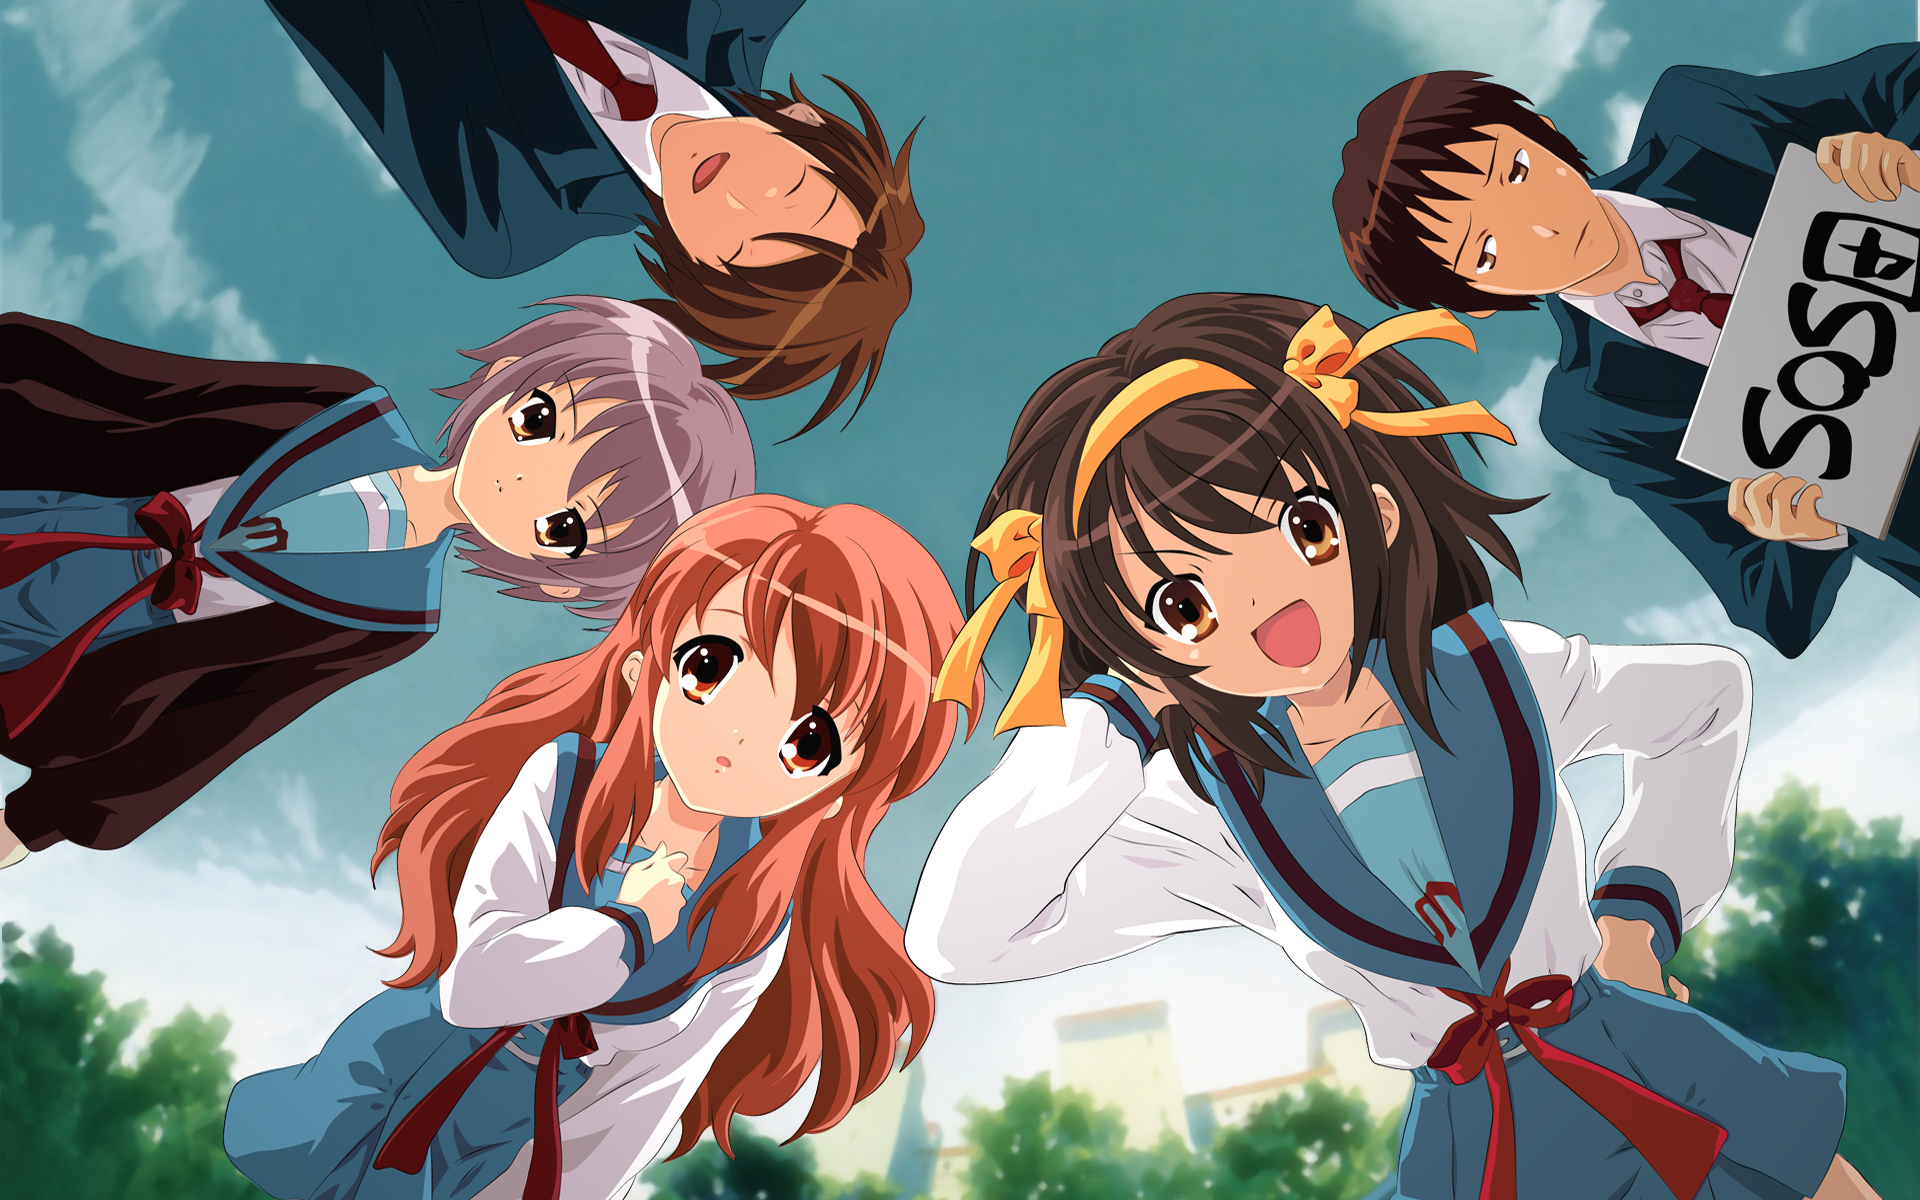 Suzumiya Haruhi no Yuuutsu ile ilgili görsel sonucu